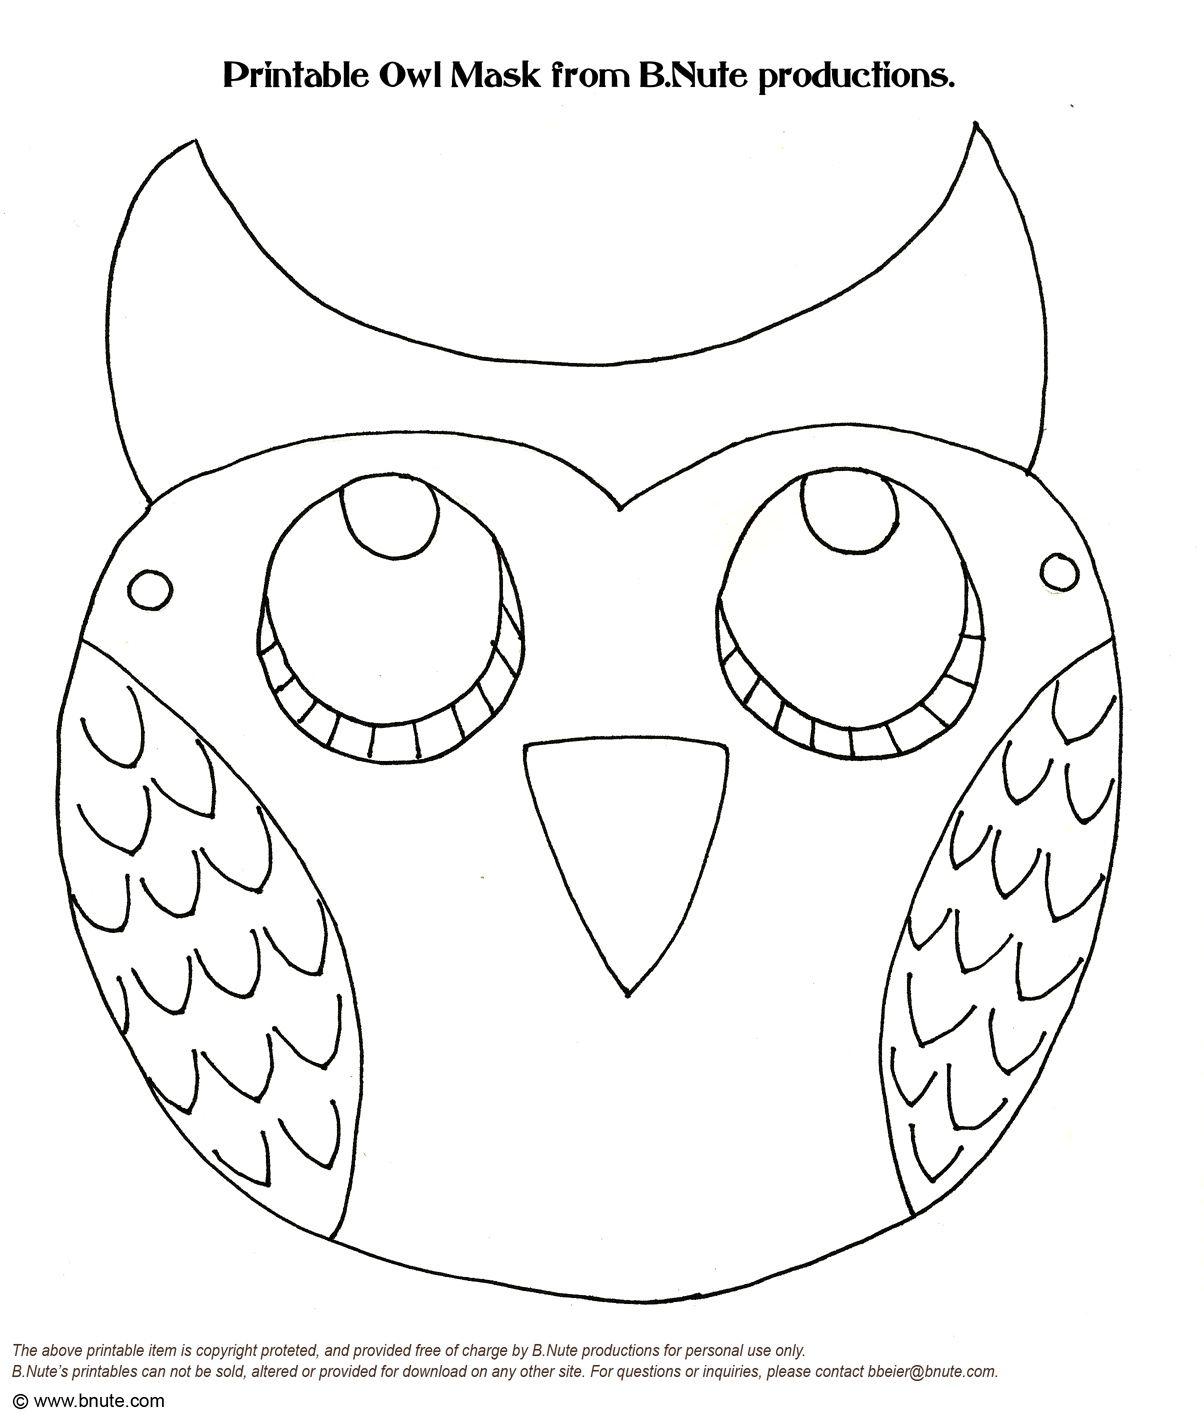 printable owl masks Grace Bartlett and Kristen Gensler